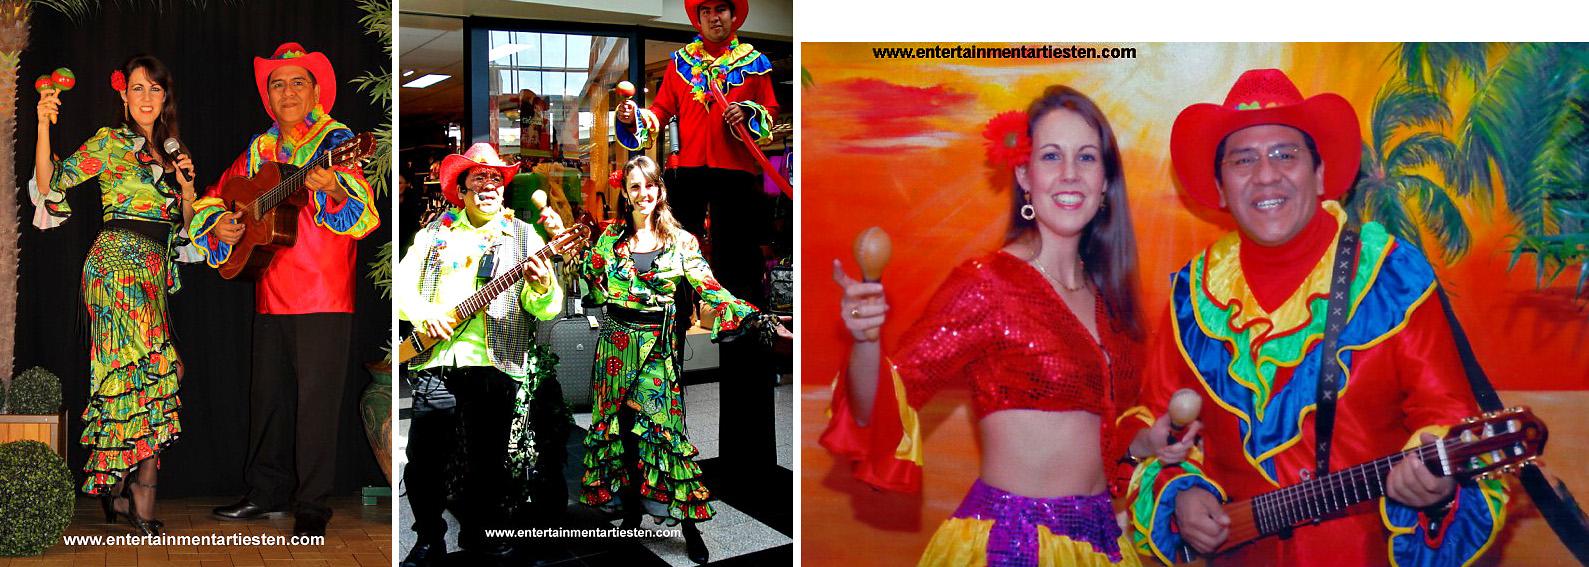 Spaanse-Mexicaanse-Latino muziekduo. Zij brengen heerlijke zonnige muziek met een hoog 'Costa del Sol' en 'Gypsy Kings' gehalte voor een echt vakantiegevoel, Govers Evenementen, www.goversartiesten.nl